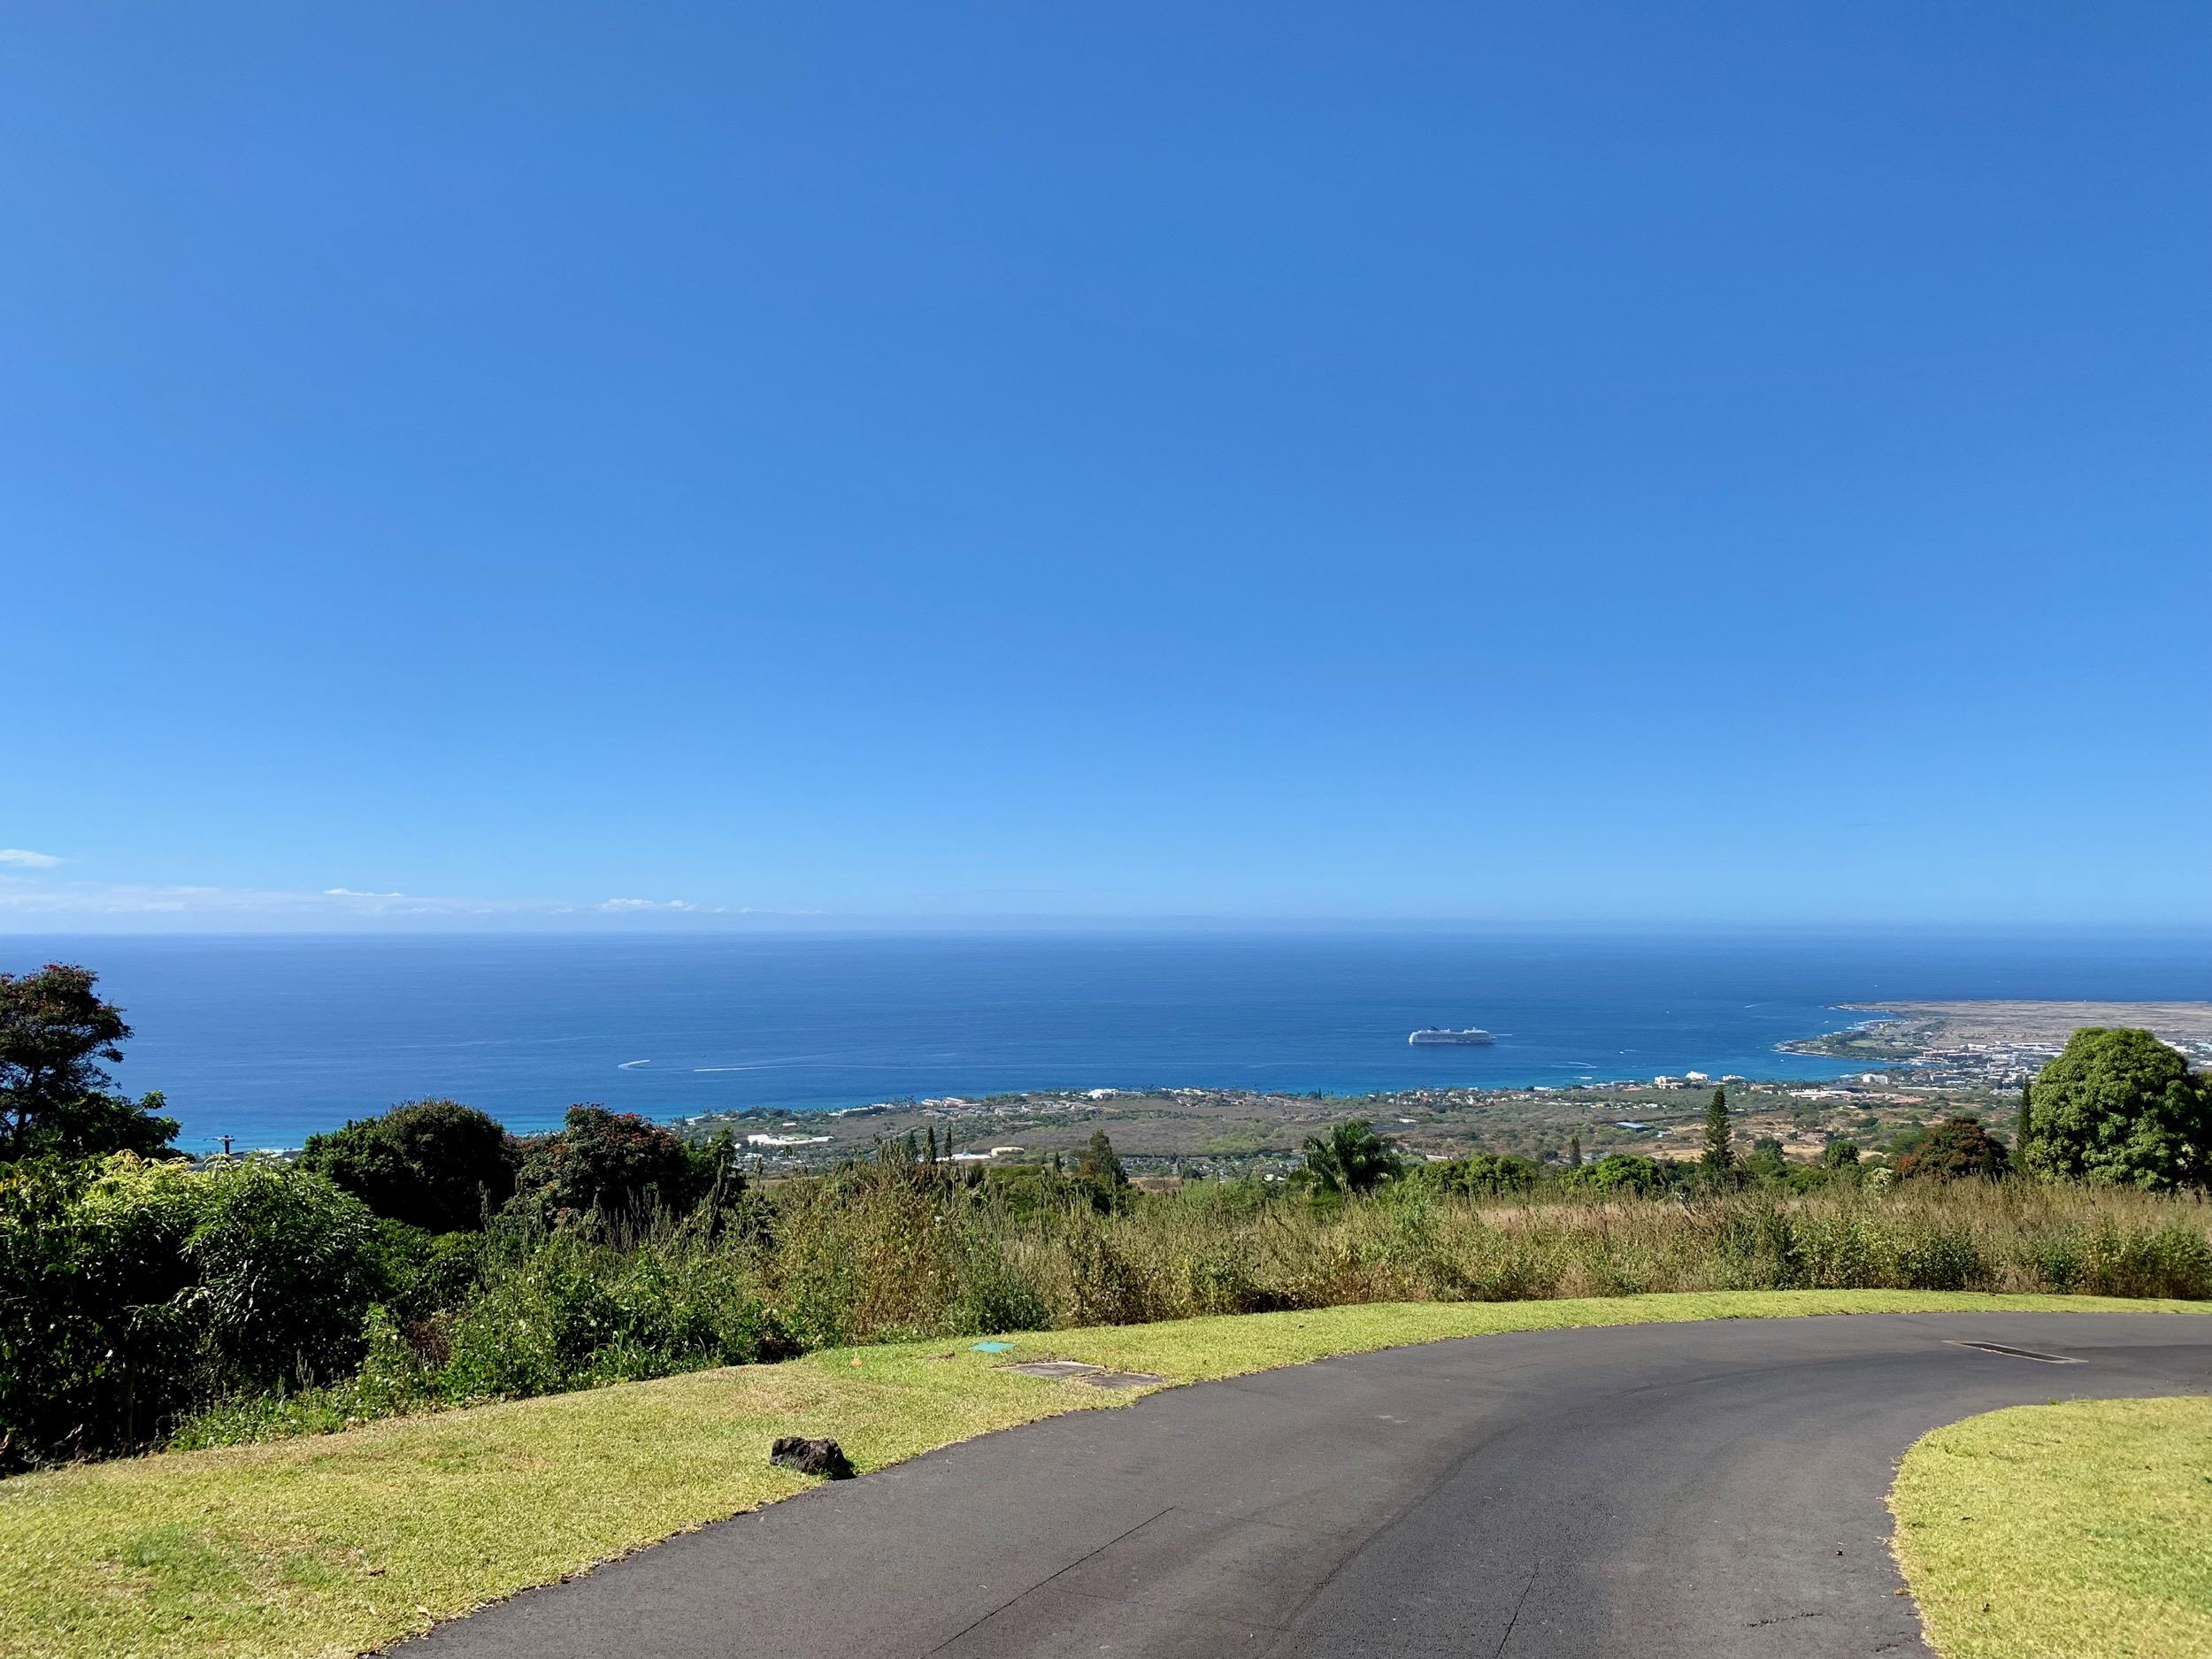 Kailua Bay Cruise Ship